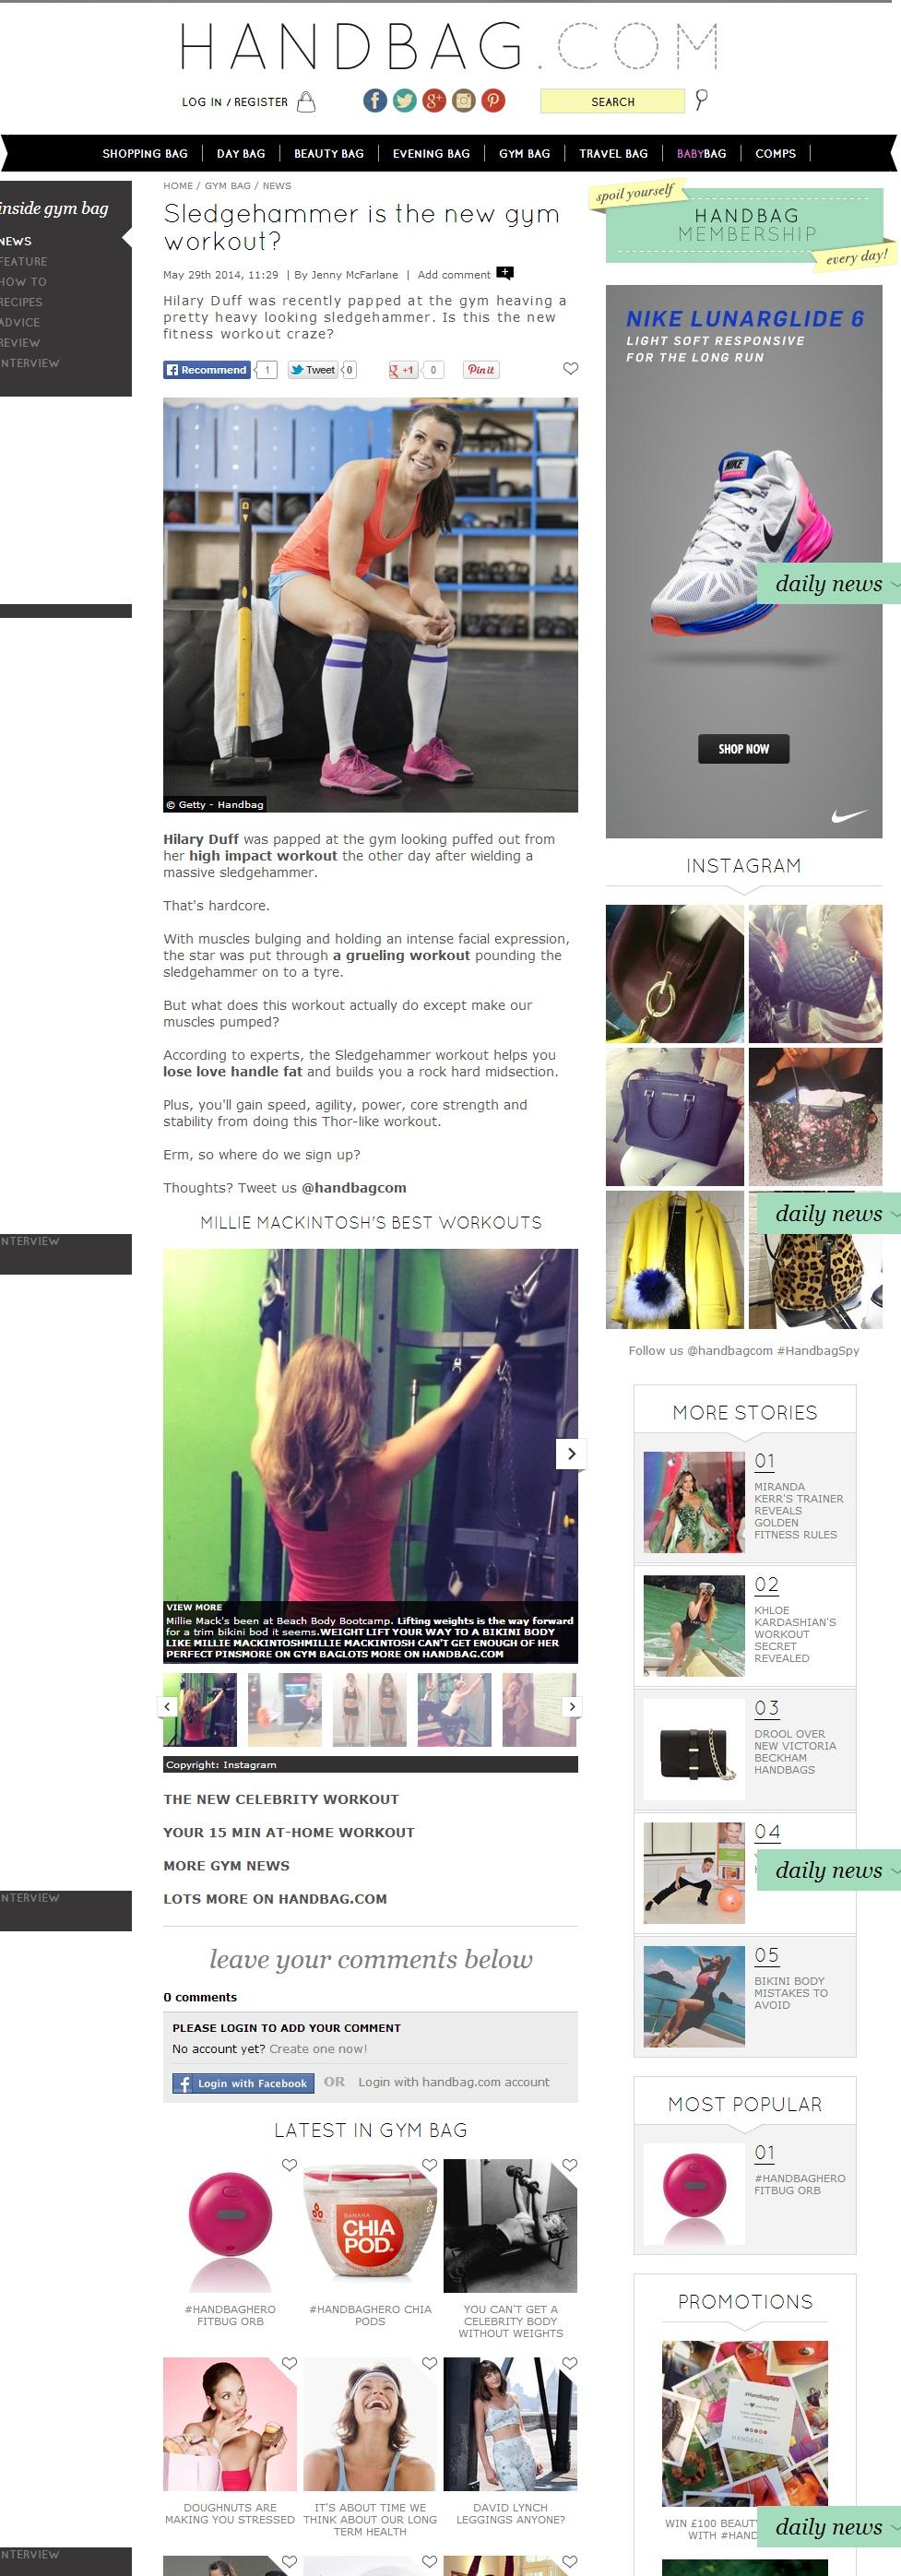 screencapture-www-handbag-com-gym-bag-news-a574216-sledgehammer-is-the-new-gym-workout-html